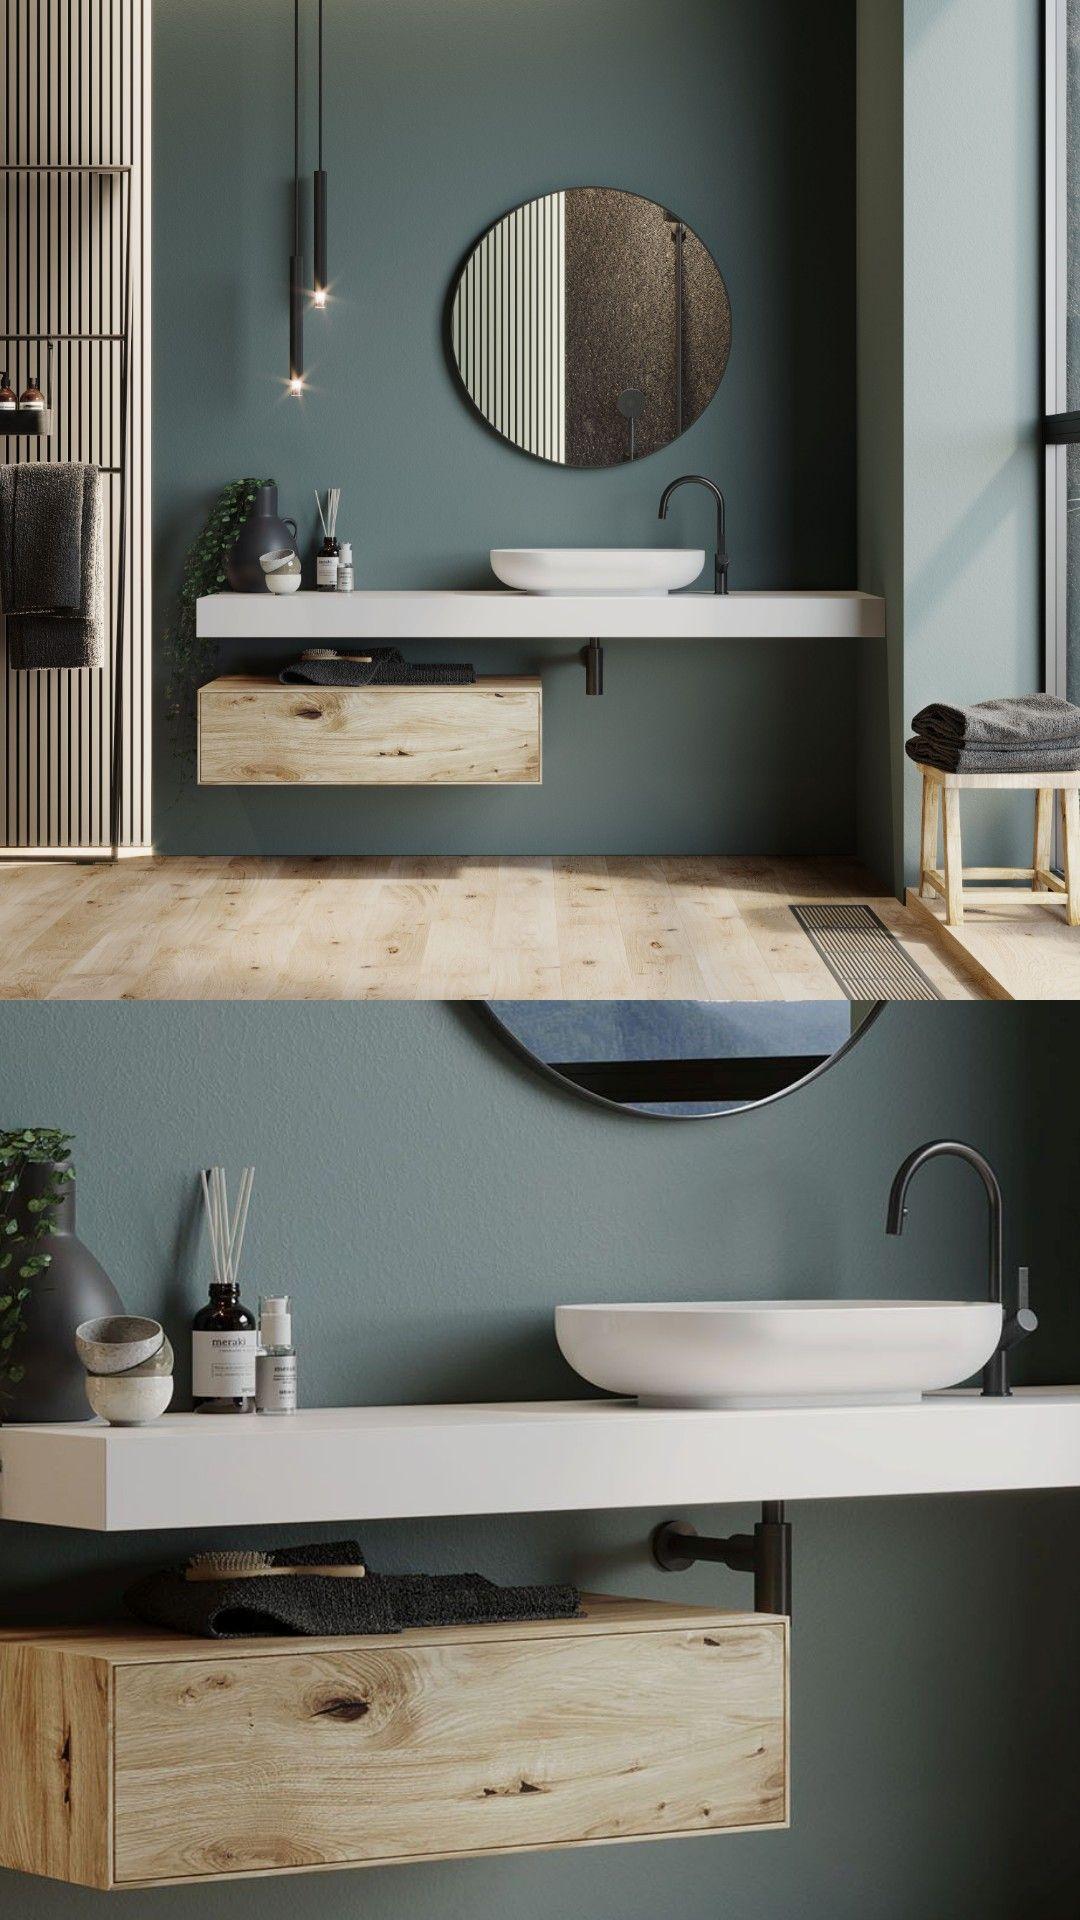 Corian® Waschtischplatten für das perfekte Badezimmerdesign.